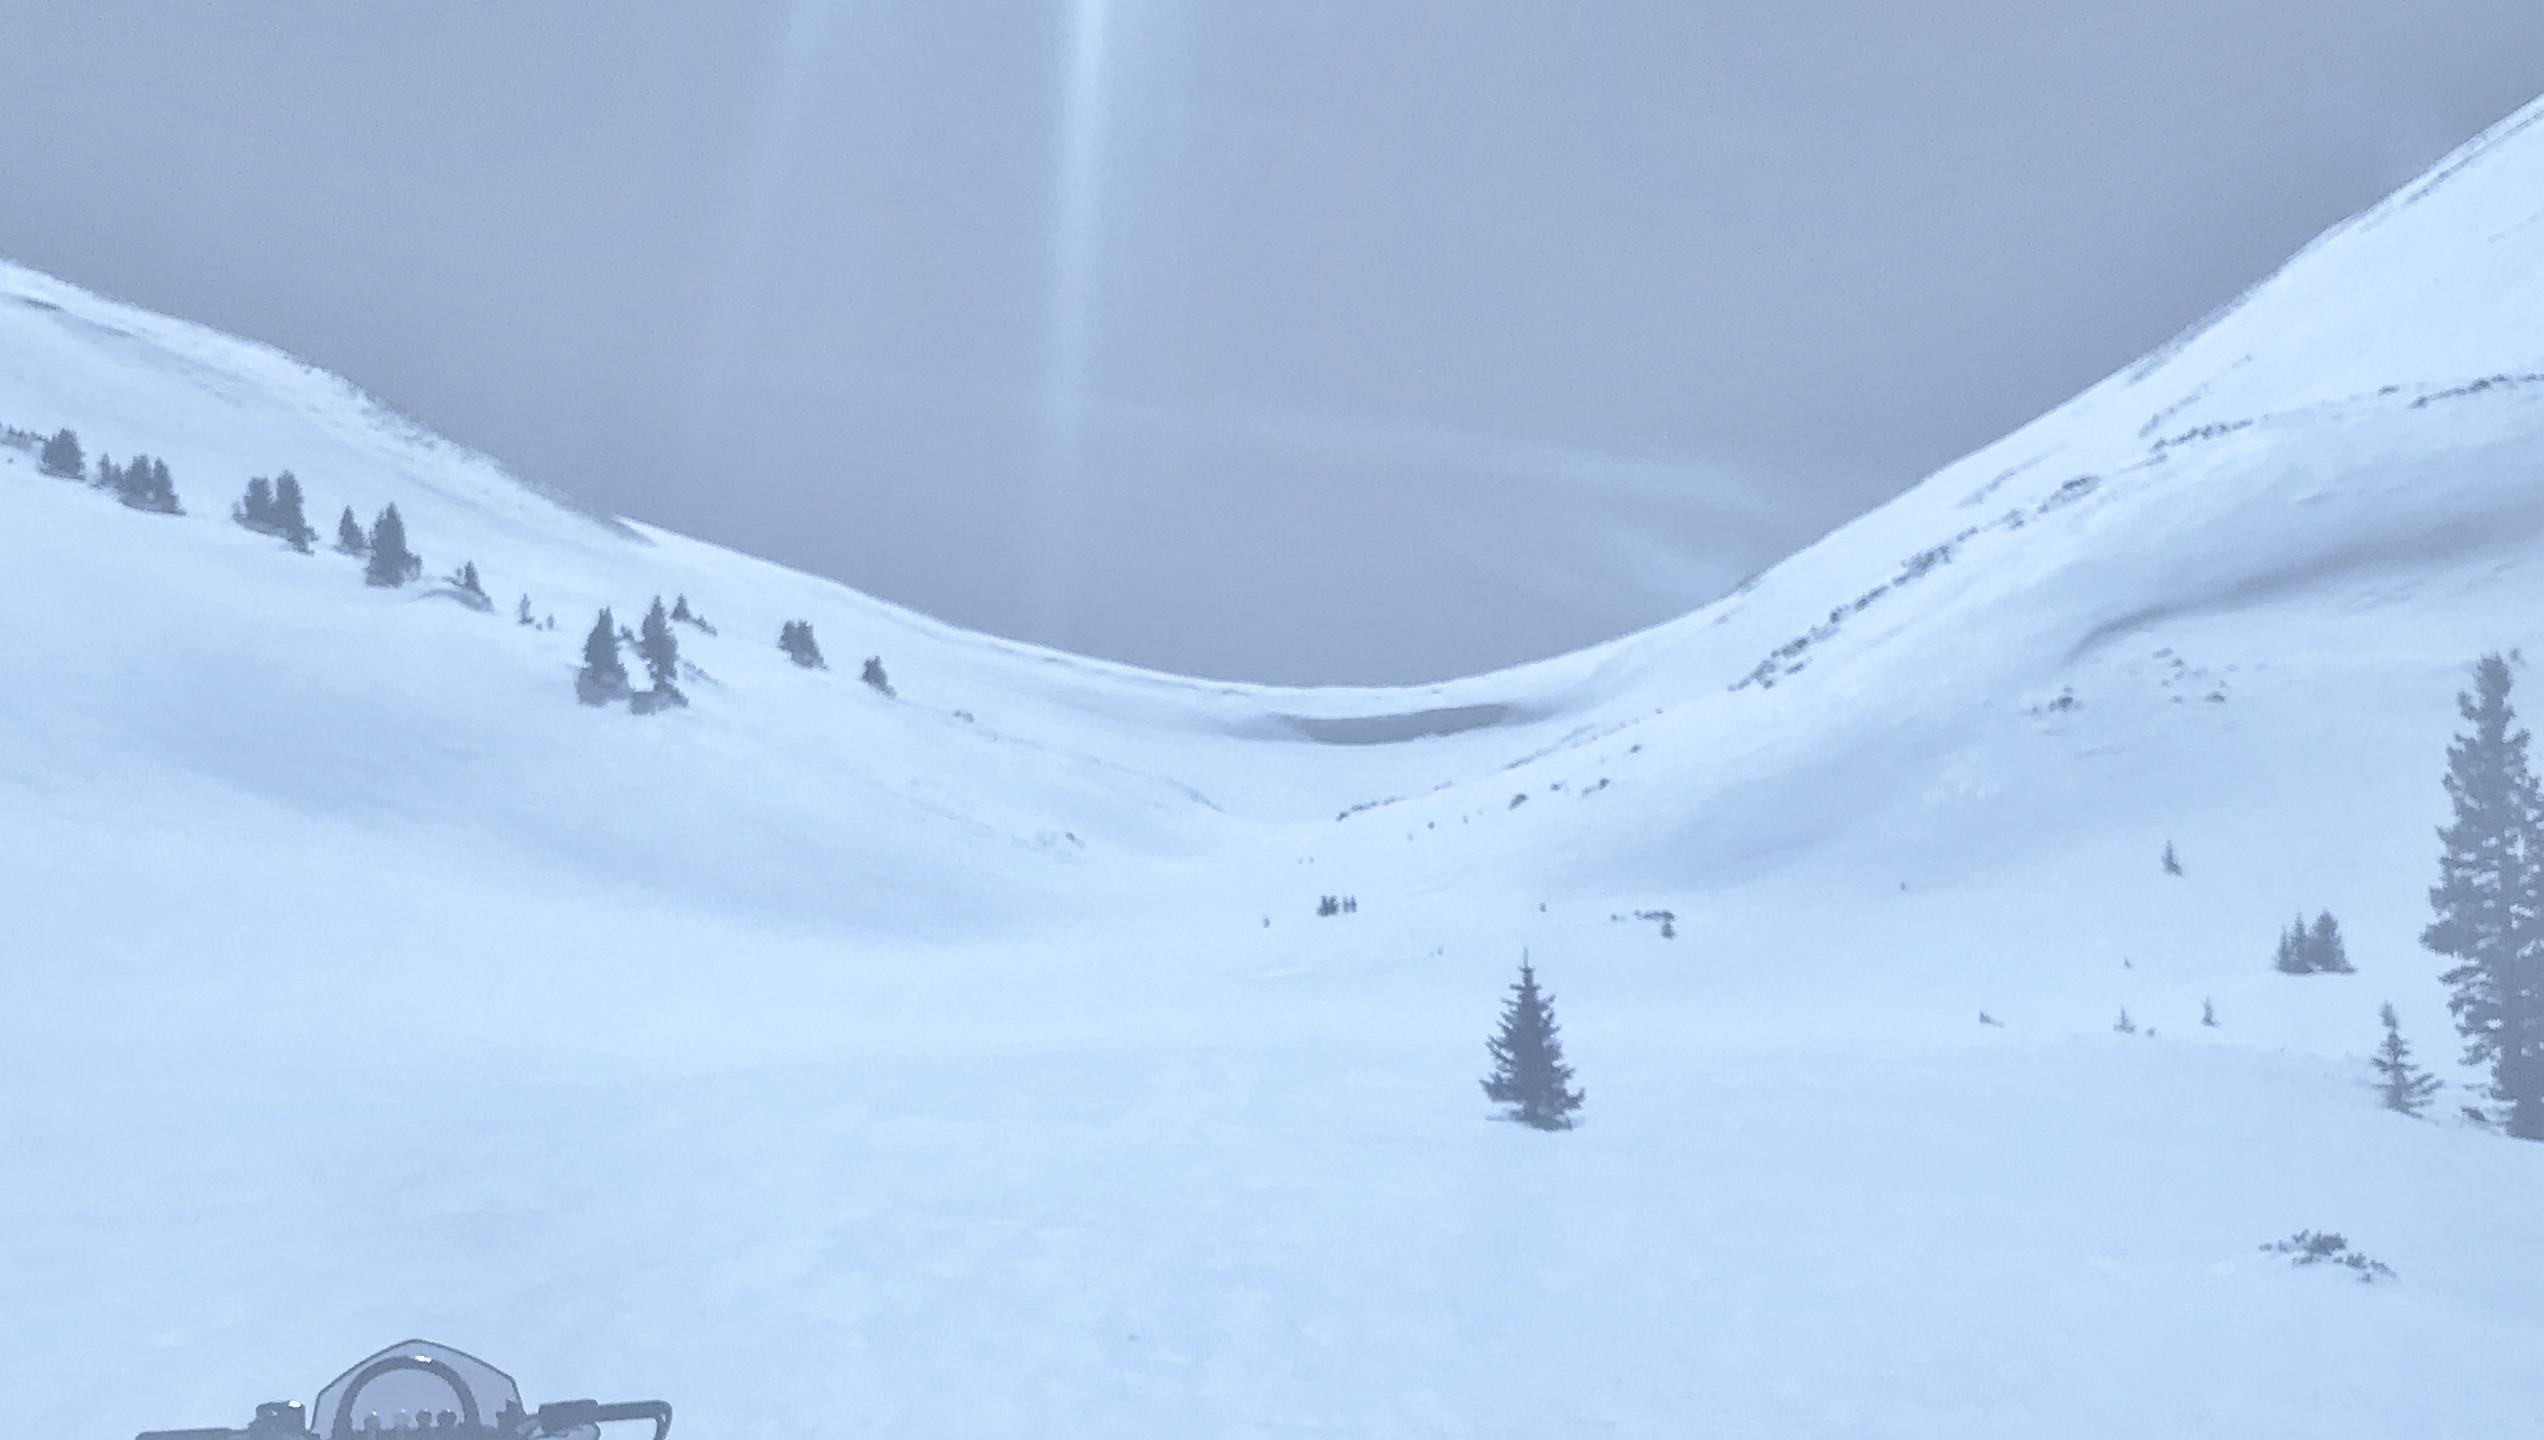 Cornice on Napoleon Pass